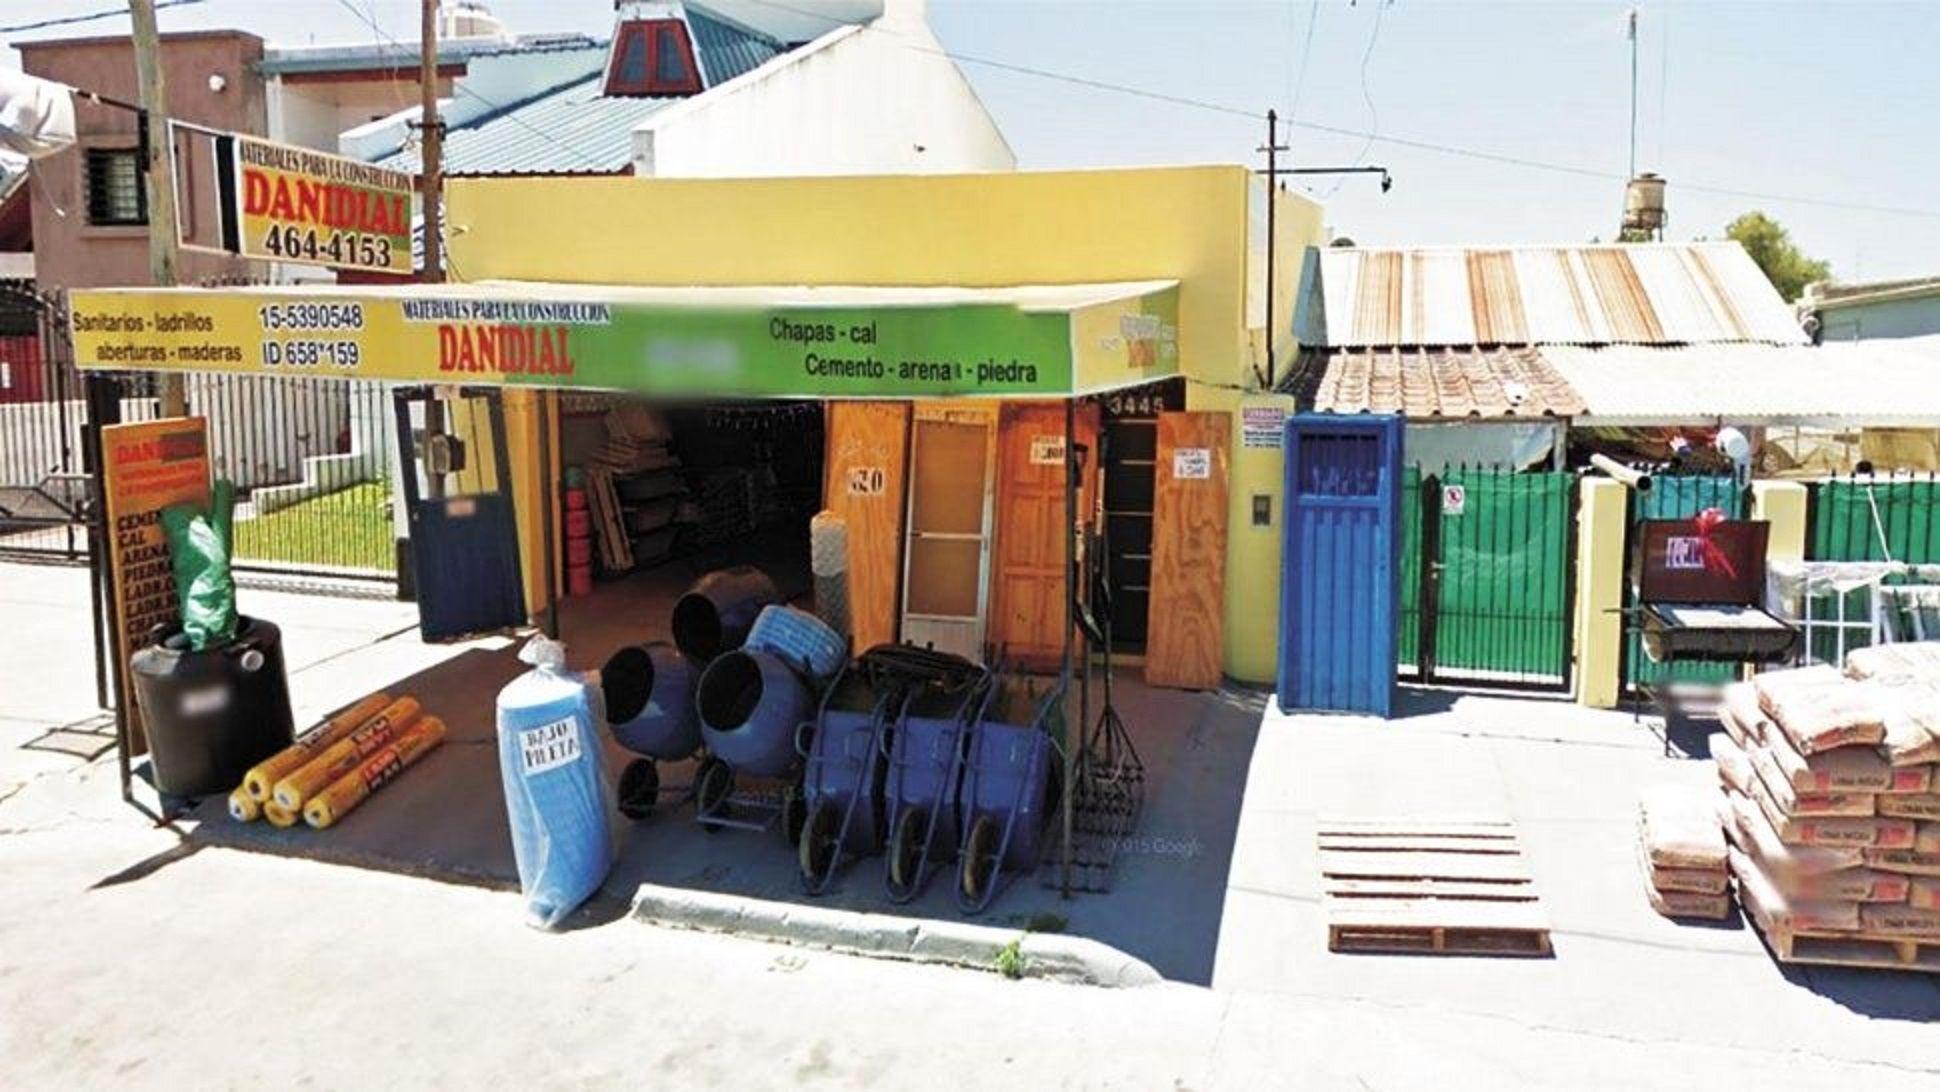 Volvió de sus vacaciones y se encontró con lo peor: le robaron 500 mil pesos y dos lechones del freezer